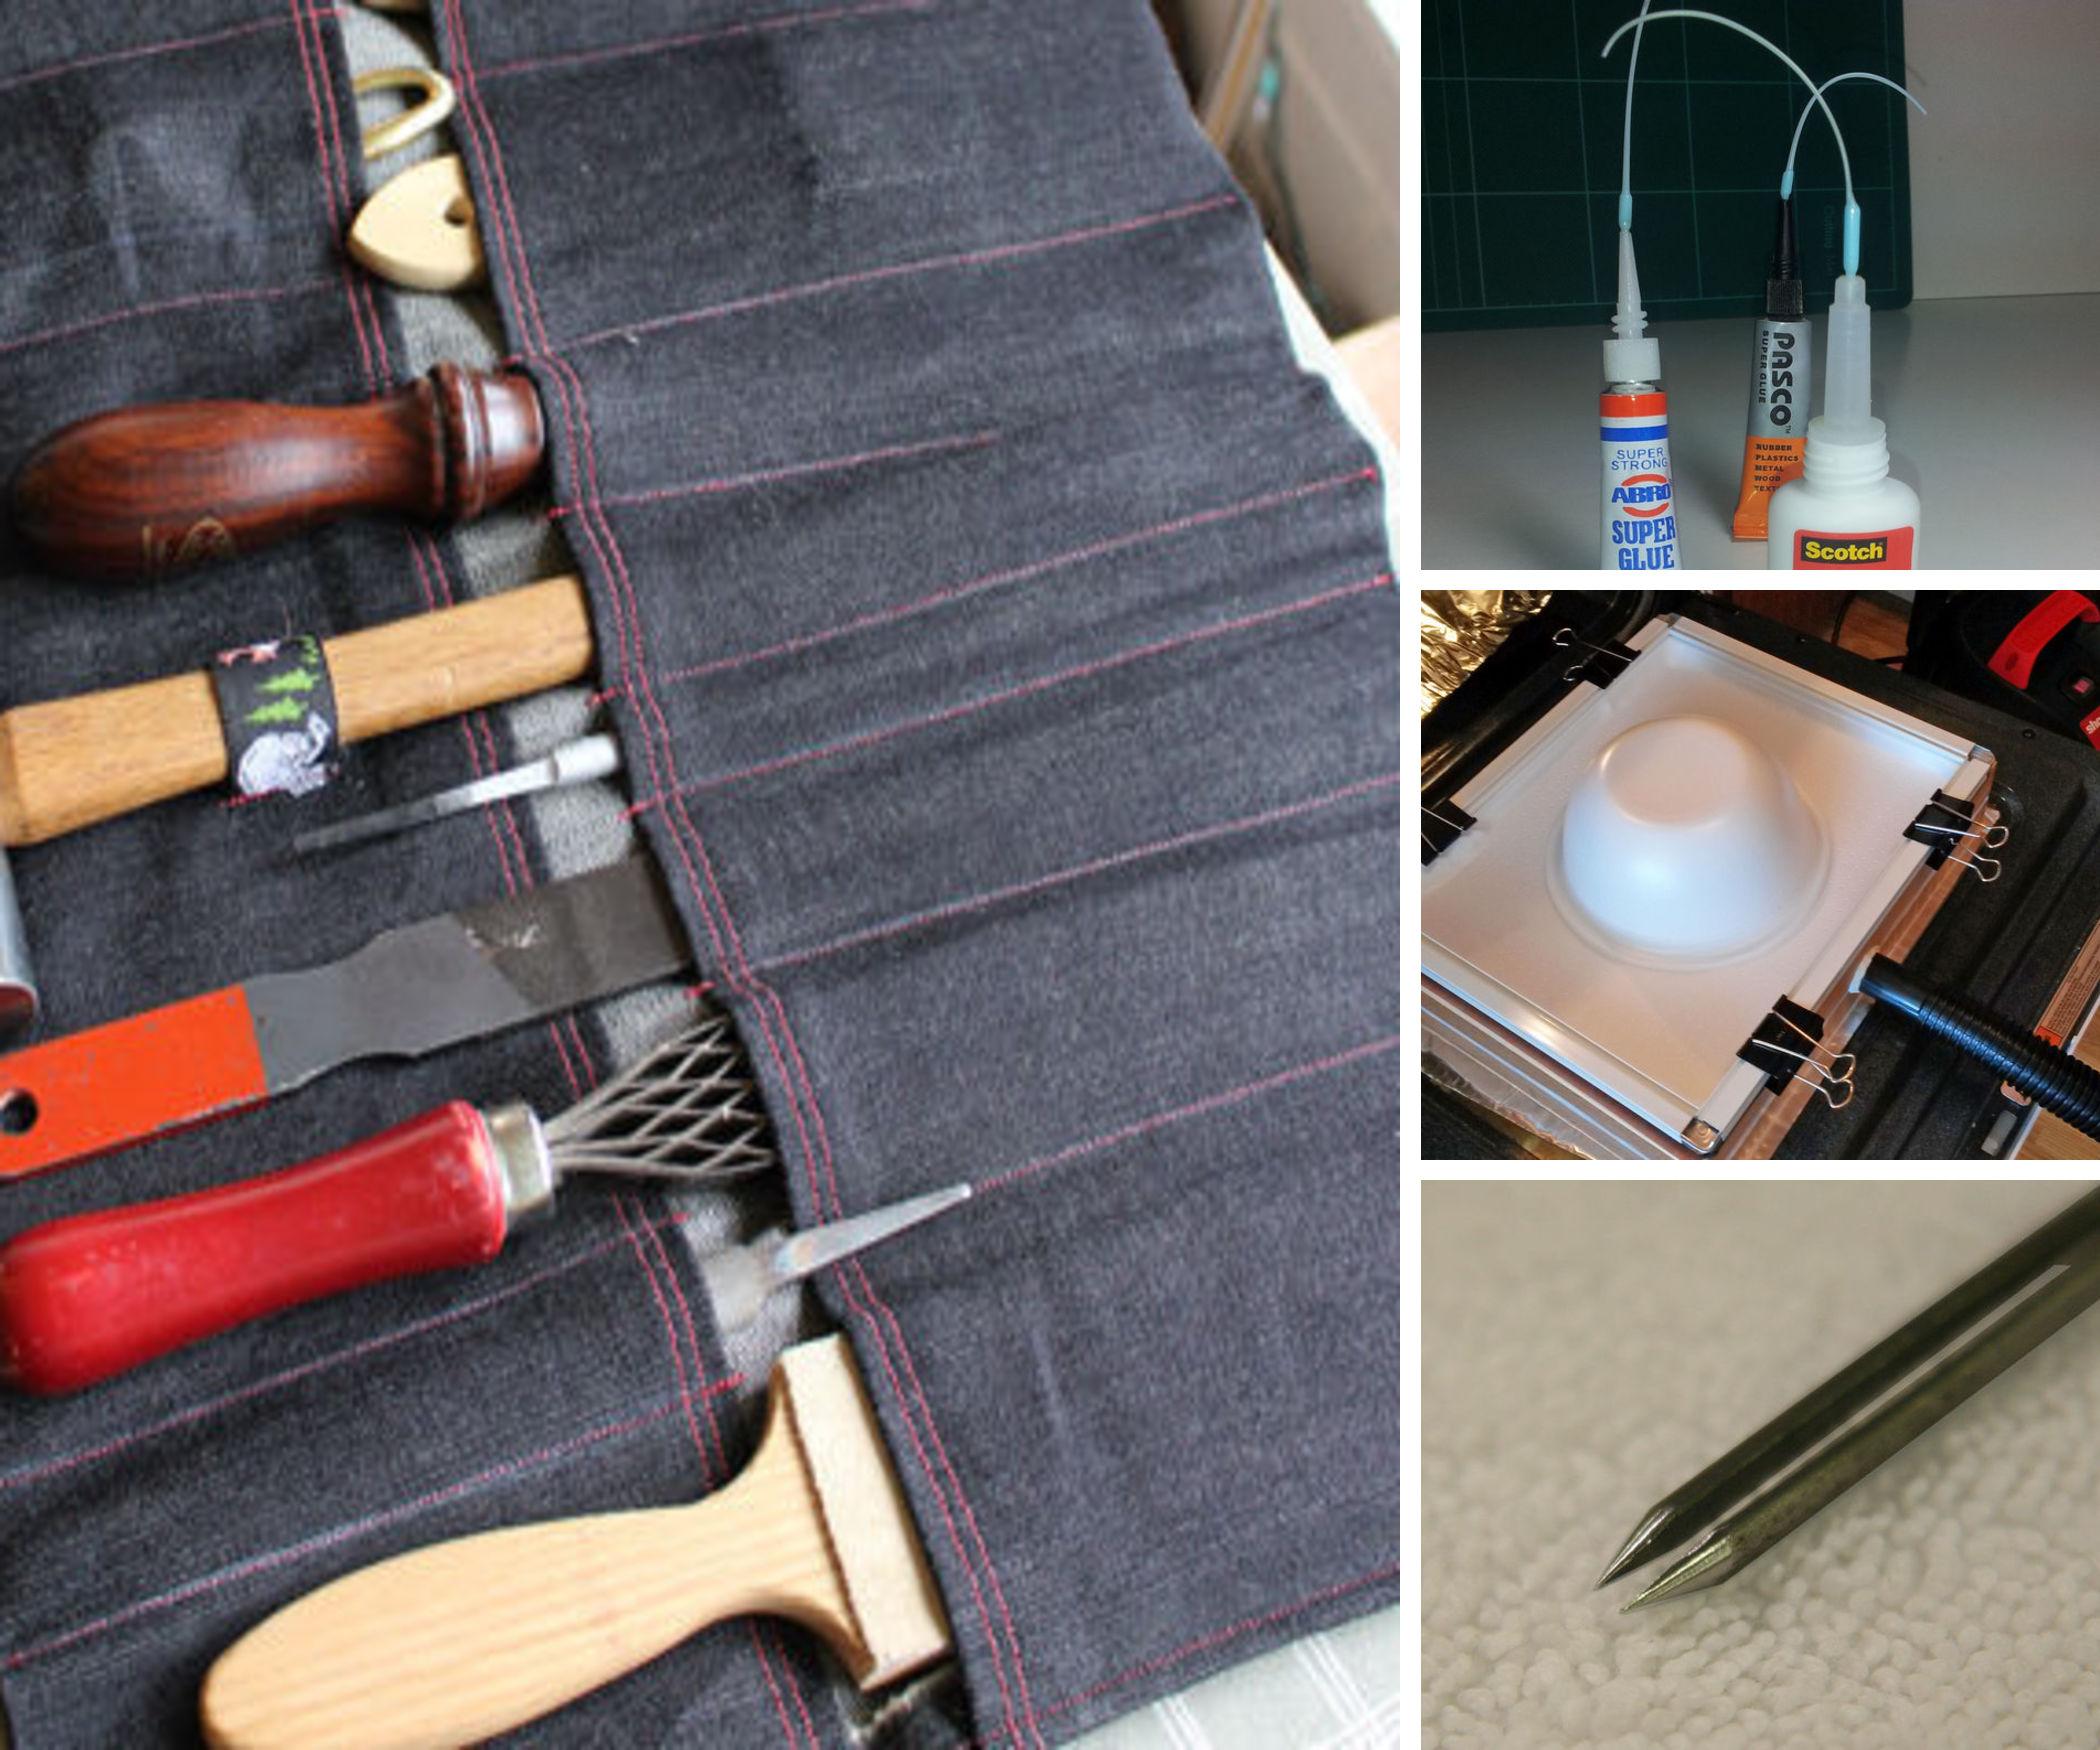 1. Shop Setup, Projects